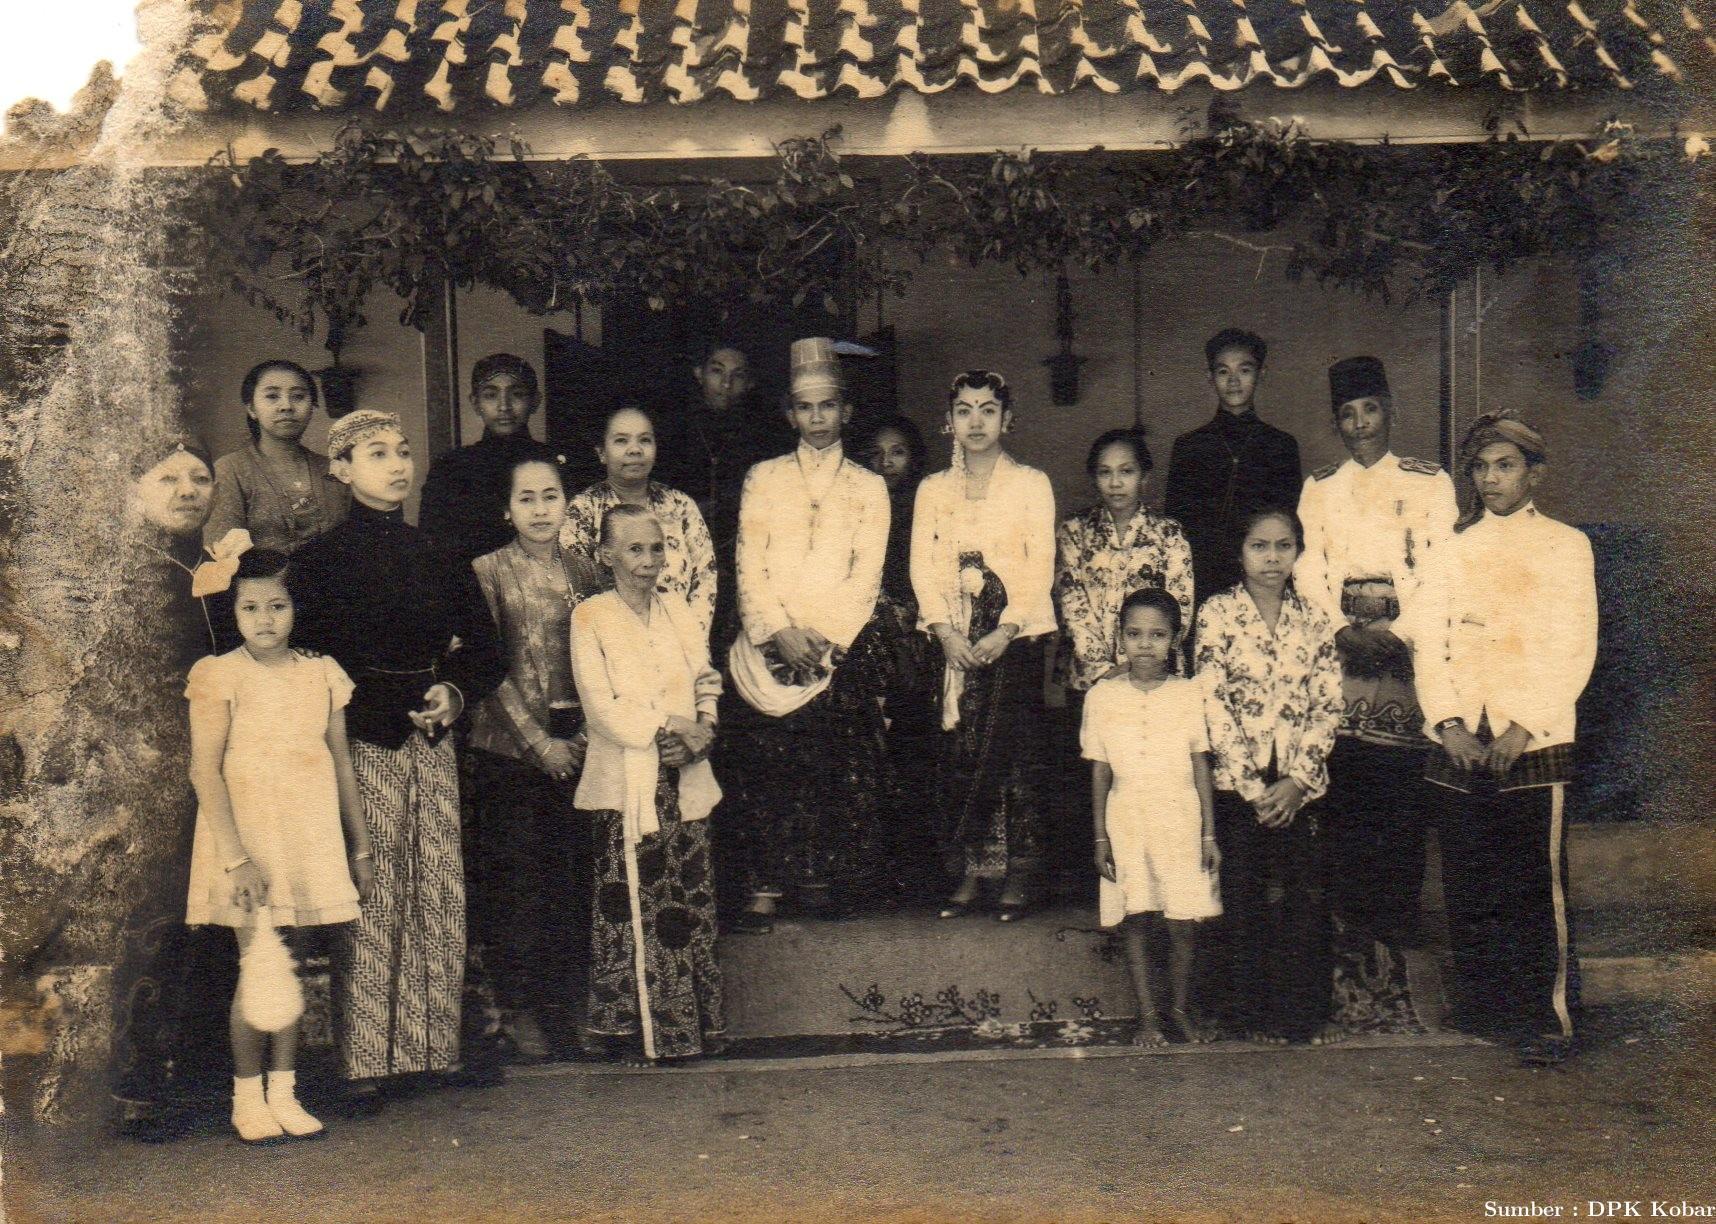 Pernikahan Sultan XIV P.R. Alamsyah dan Permaisuri di Solo, tahun 1942.